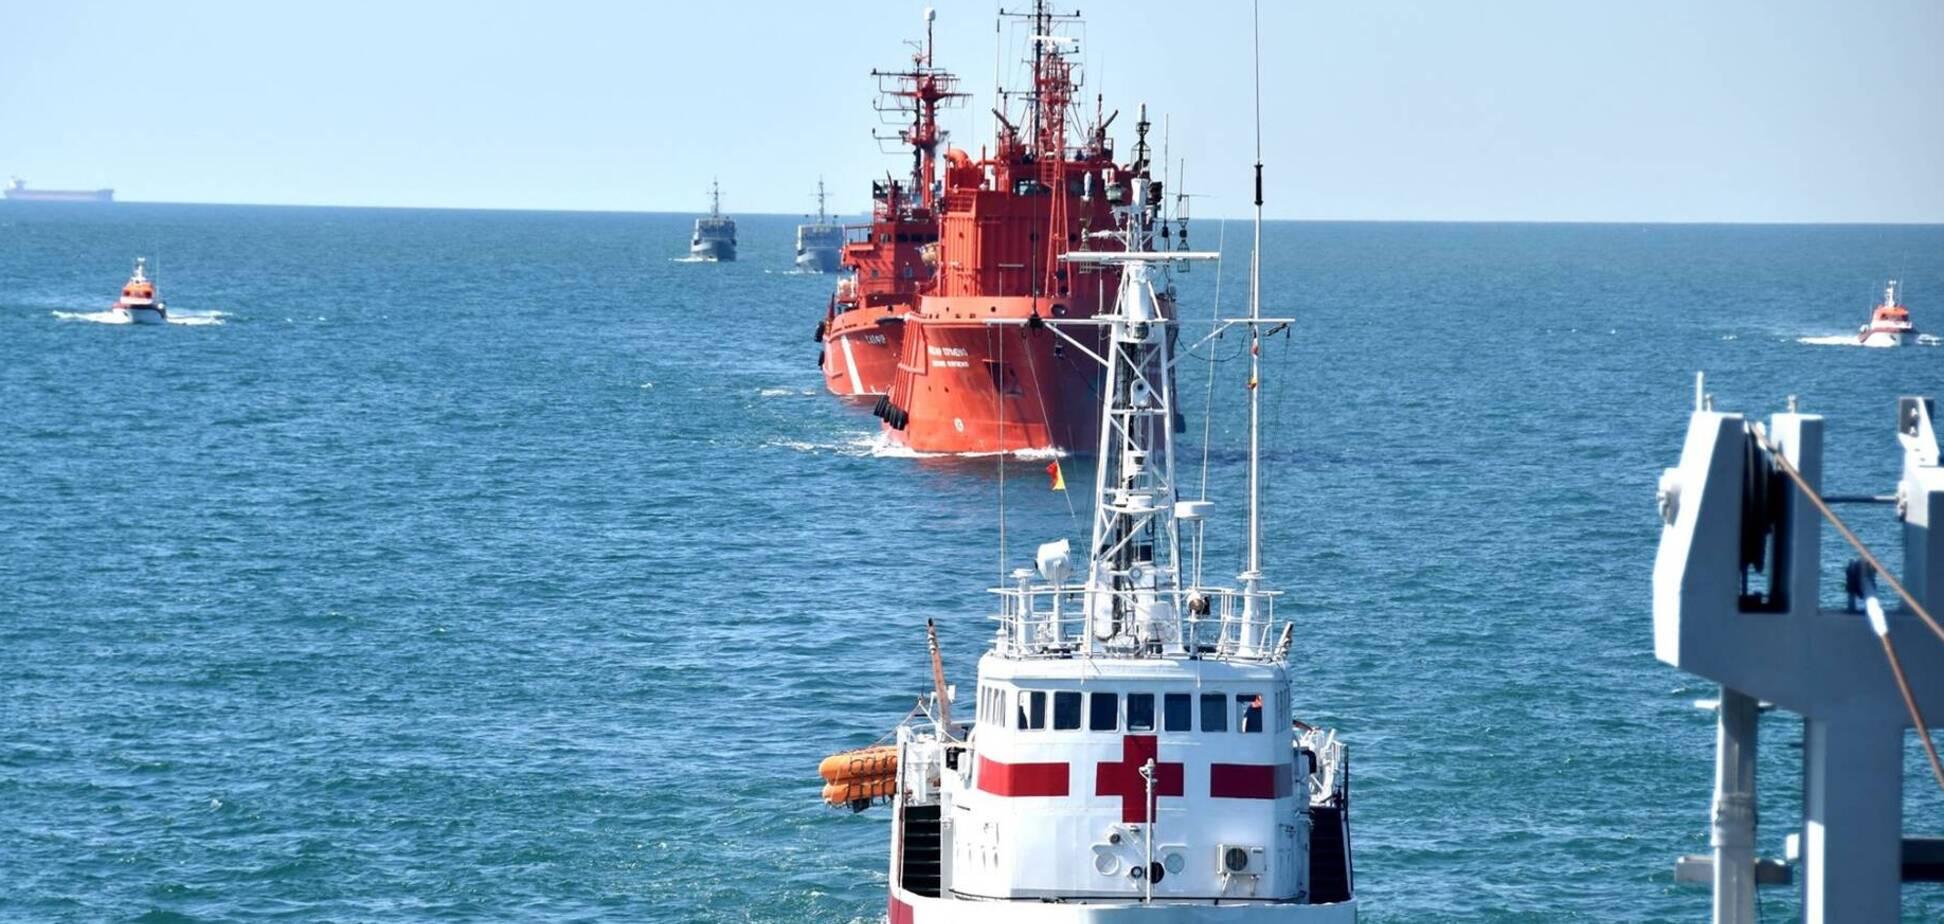 Військові судна рухаються Чорним морем